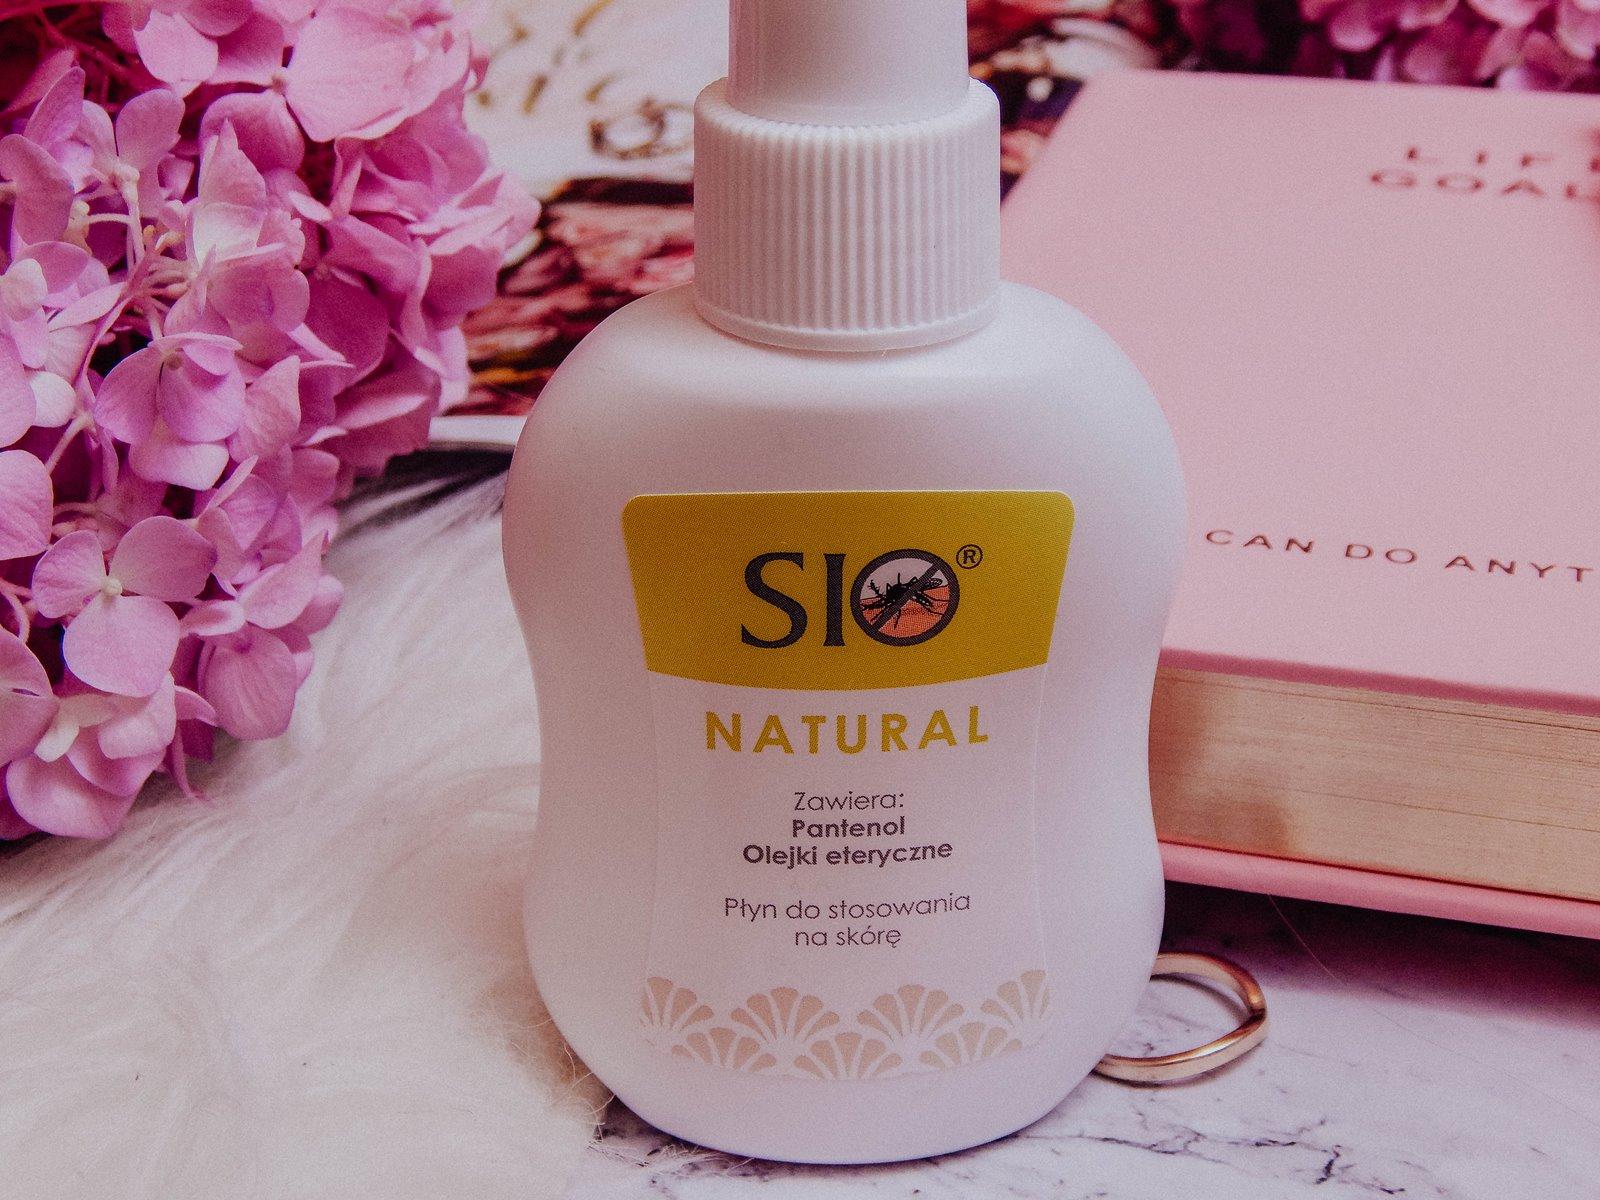 2 sio natural sio żel po ukąszeniu recenzje opinie sprawdzone sposoby na ugryzienia komarów opuchliznę swędzenie alergię bez substancji chemicznych olejki eteryczne naturalne